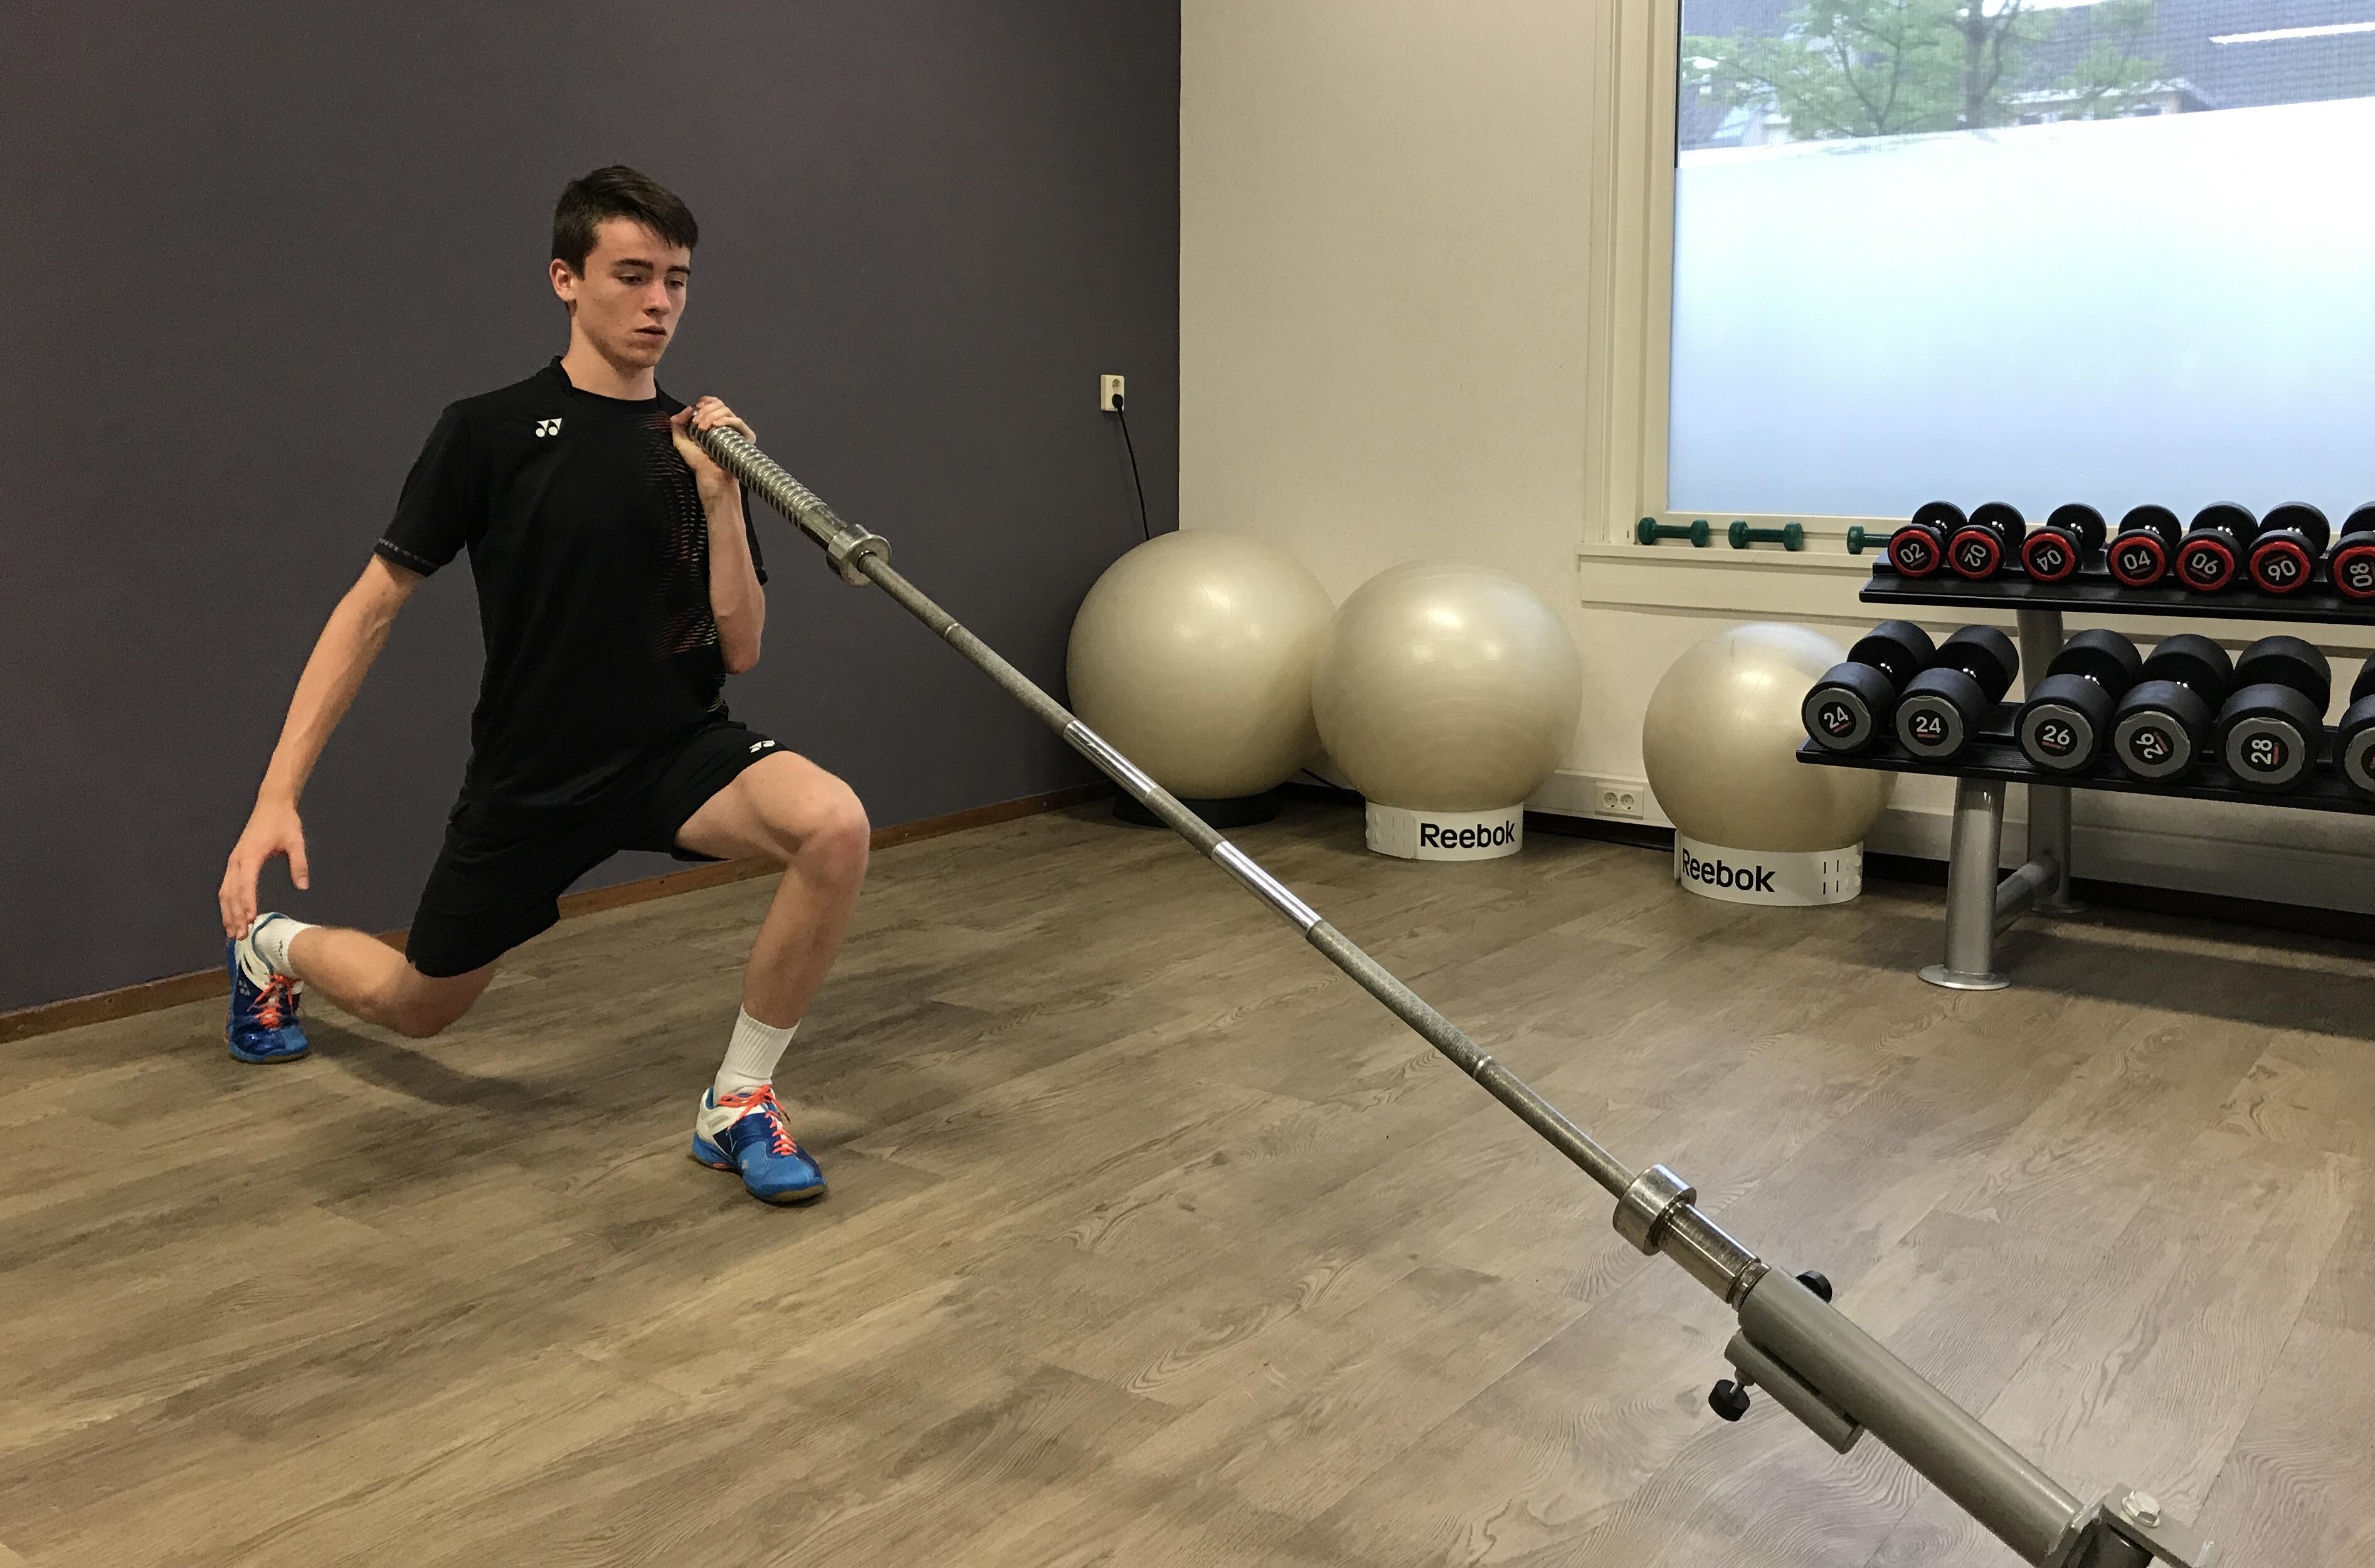 Afbeelding van Finn Achthoven traint voor de olympische spelen bij frits van der werff in Hoorn